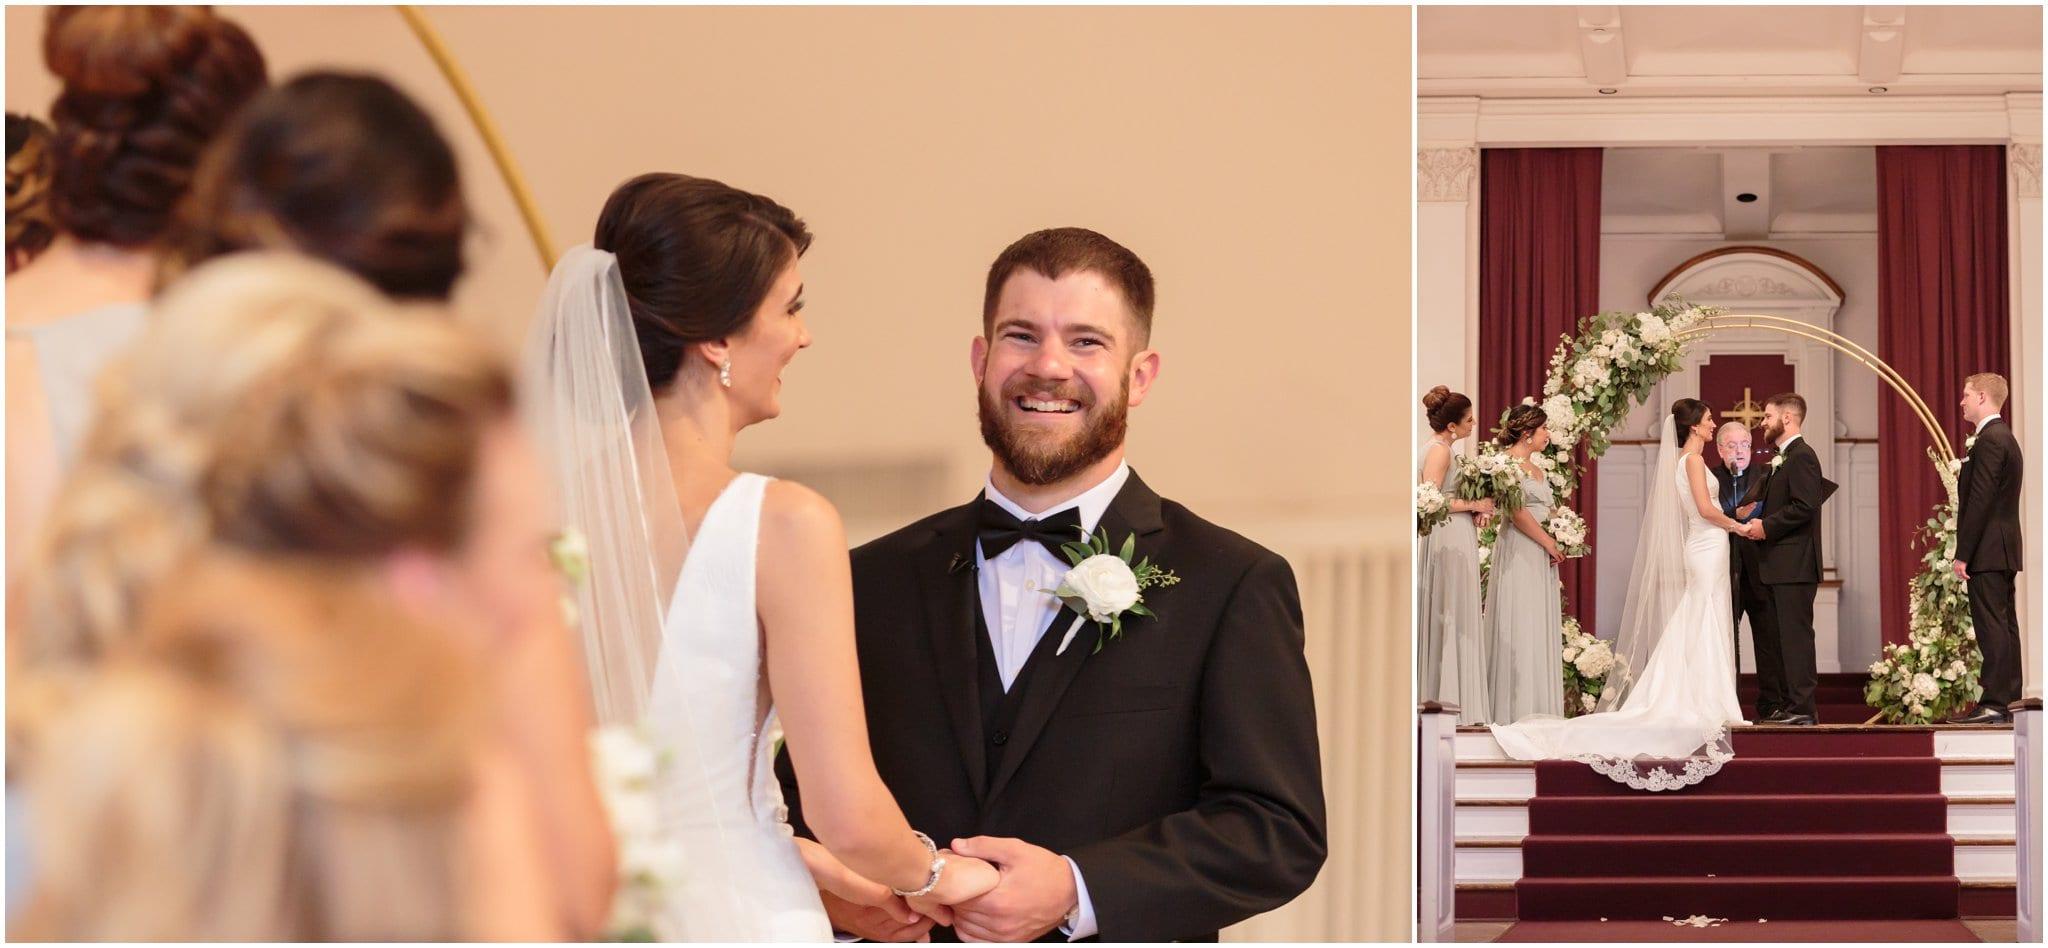 Hammerschmidt-Memorial-Chapel-Wedding-Wes-Craft-Photography